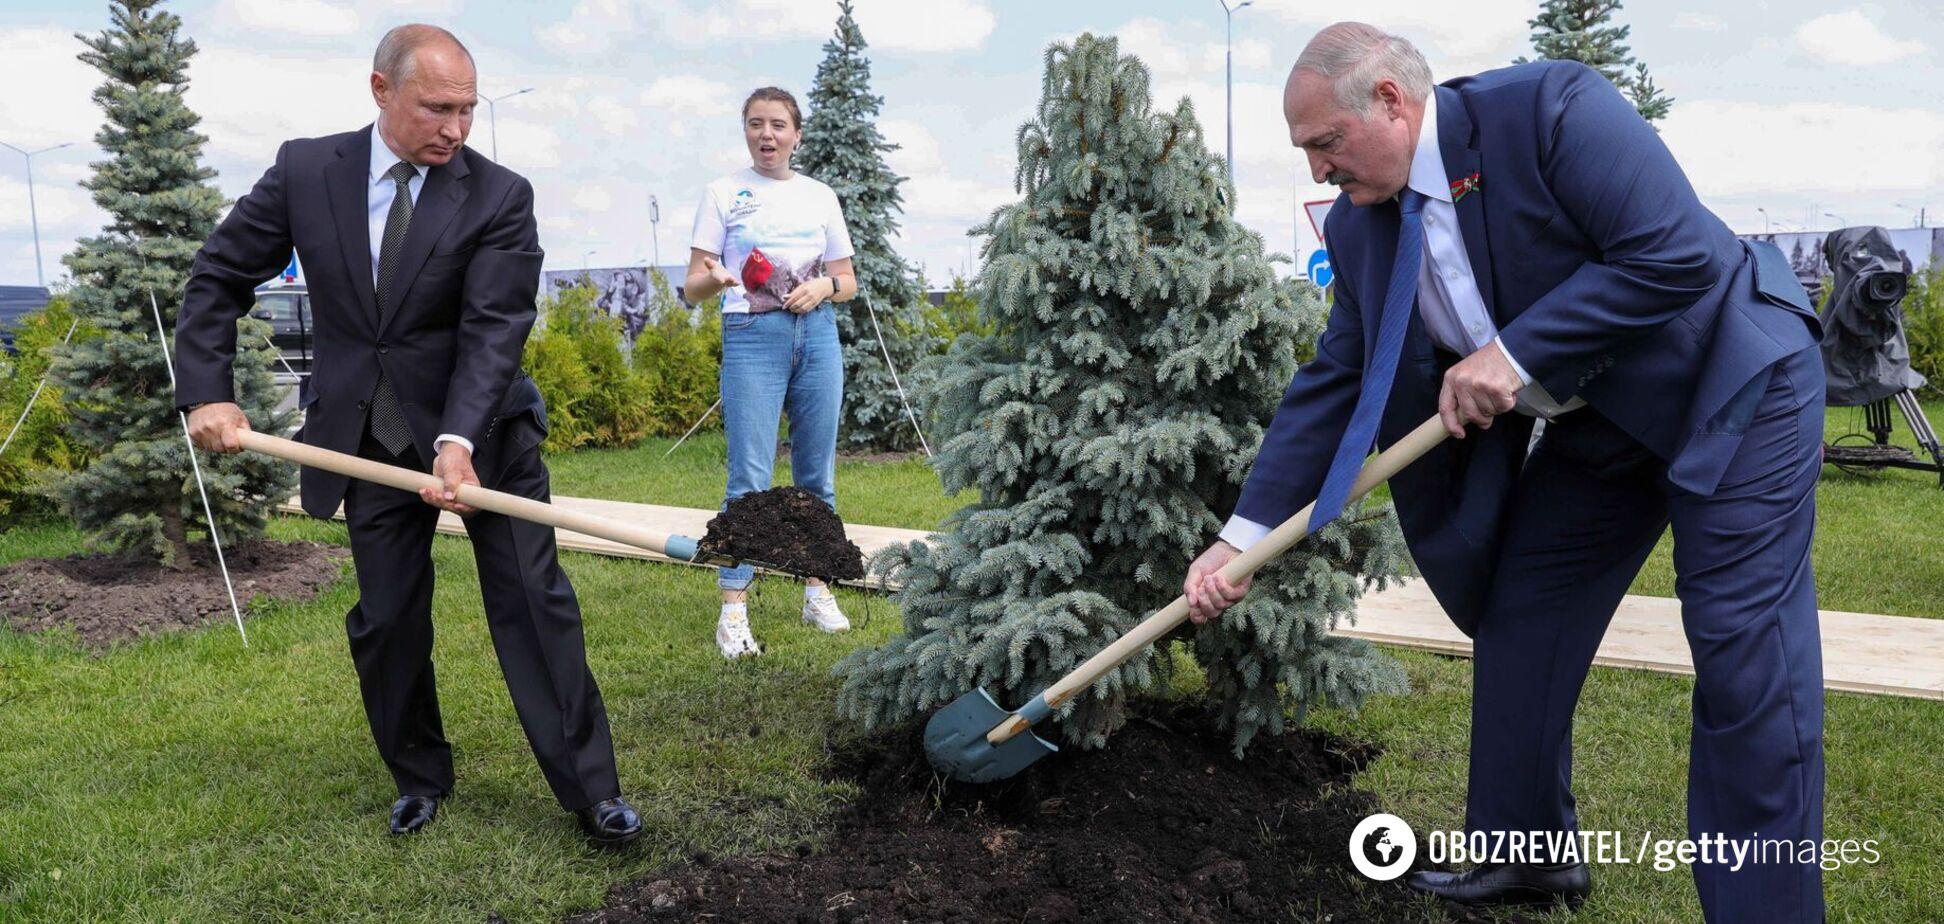 Кремлевские метания: что в Москве приготовили для Лукашенко